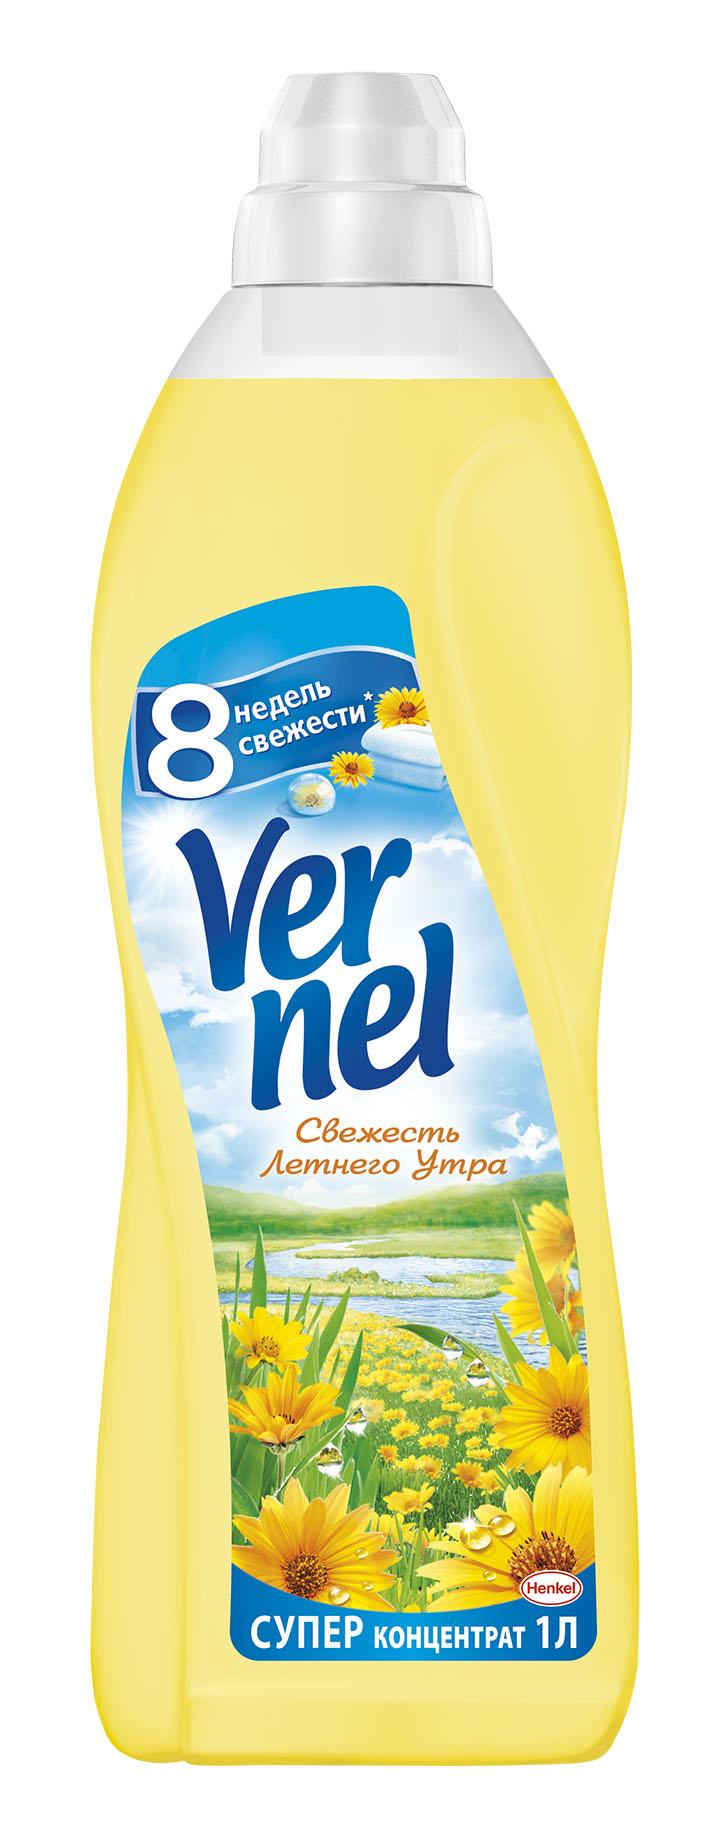 Кондиционер для белья Vernel Свежесть Летнего Утра 1л904663С новой Классической линейкой Vernel свежесть белья длится до 8 недель. Новая формула Vernel обогащена аромакапсулами, которые обеспечивают длительную свежесть. Более того, кондиционеры для белья Vernel придают белью невероятную мягкость, такую же приятную, как и ее запах. Свойства кондиционера для белья Vernel: 1. Придает мягкость 2. Придает приятный аромат 3. Обладает антистатическим эффектом 4. Облегчает глажение До 8 недель свежести при условии хранения белья без использования благодаря аромакапсулам Состав: Состав: 5-15% катионные ПАВ; Товар сертифицирован.